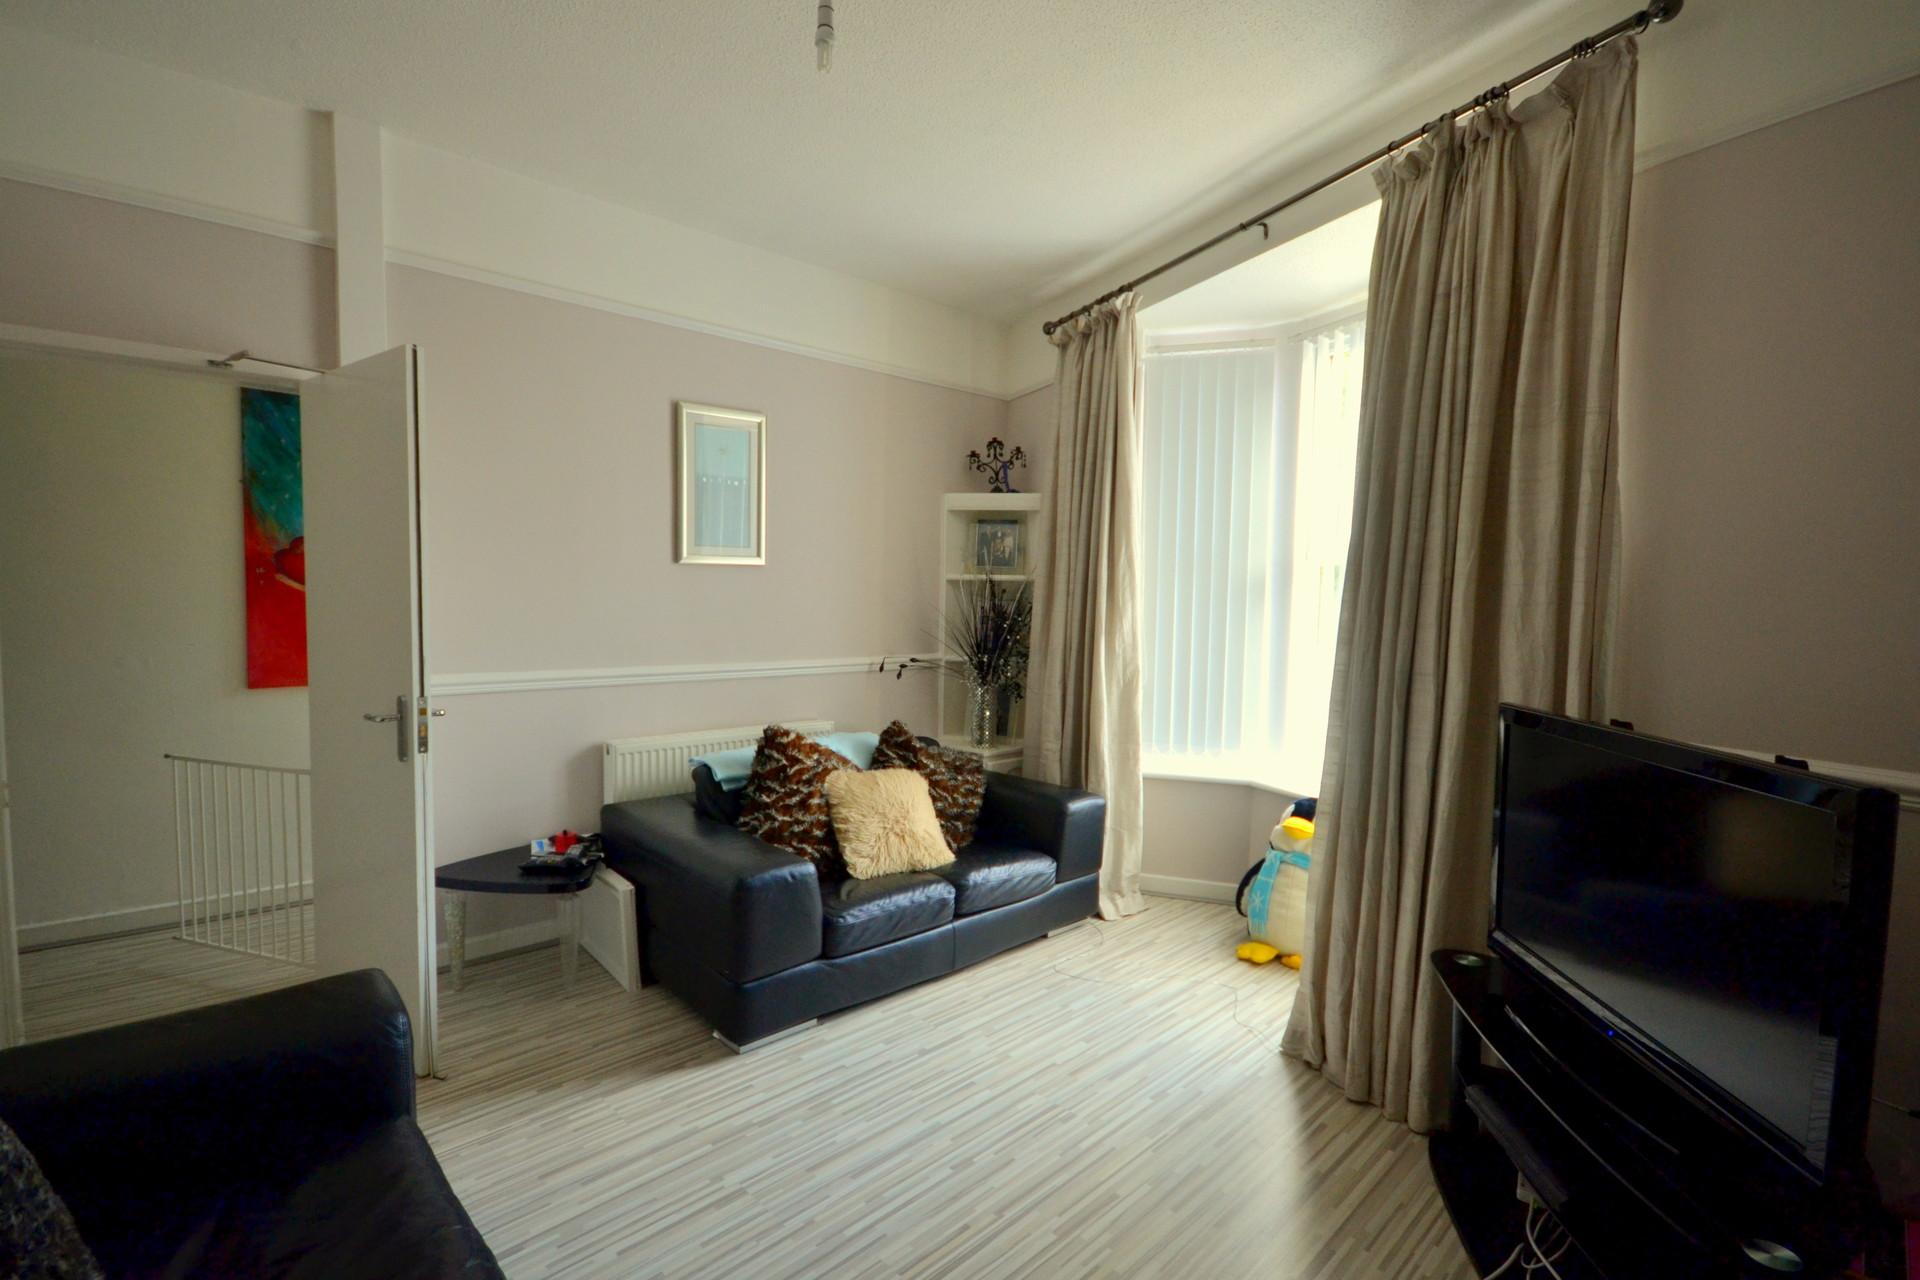 large-spacious-double-room-a73158a899157d2fb1409ae3ecd02ed4